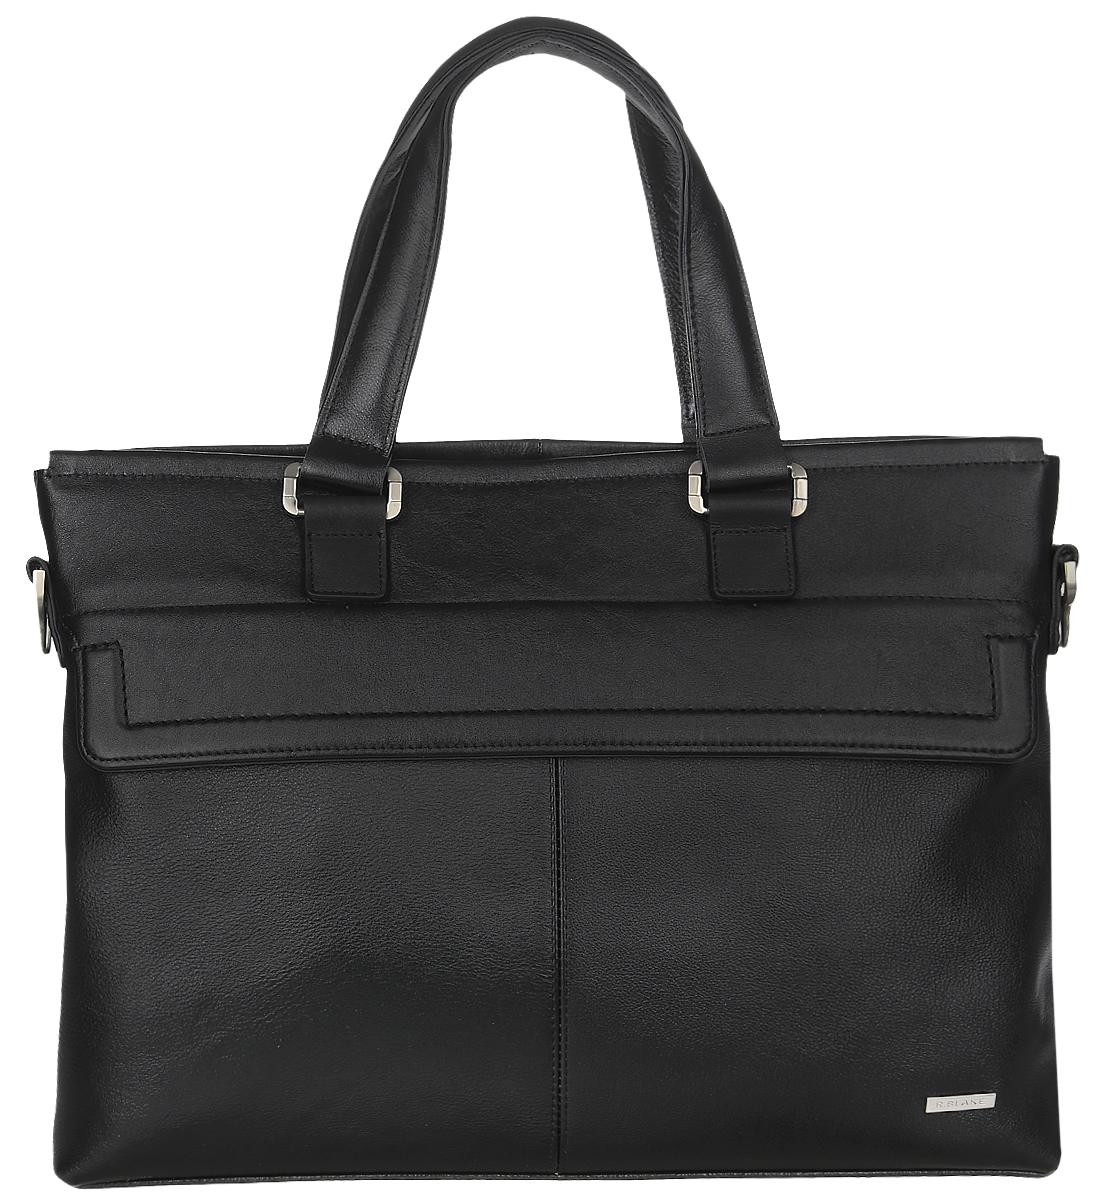 Сумка мужская R.Blake Martin, цвет: черный. GMRI00-00ML06-A0201O-K100GMRI00-00ML06-A0201O-K100Стильная мужская сумка R.Blake Martin выполнена из натуральной кожи. Изделие имеет одно отделение, которое закрывается на застежку-молнию. Внутри сумки расположены открытый накладной карман, мягкий карман для планшета, закрывающийся на хлястик с липучкой, и прорезной карман на застежке-молнии. Снаружи, на передней стенке под клапаном находится прорезной карман на застежке-молнии, на задней стенке - дополнительный прорезной карман на застежке-молнии. Сумка оснащена двумя удобными ручками. В комплект входит съемный текстильный плечевой ремень, который регулируется по длине. Стильная сумка идеально подчеркнет ваш неповторимый стиль.